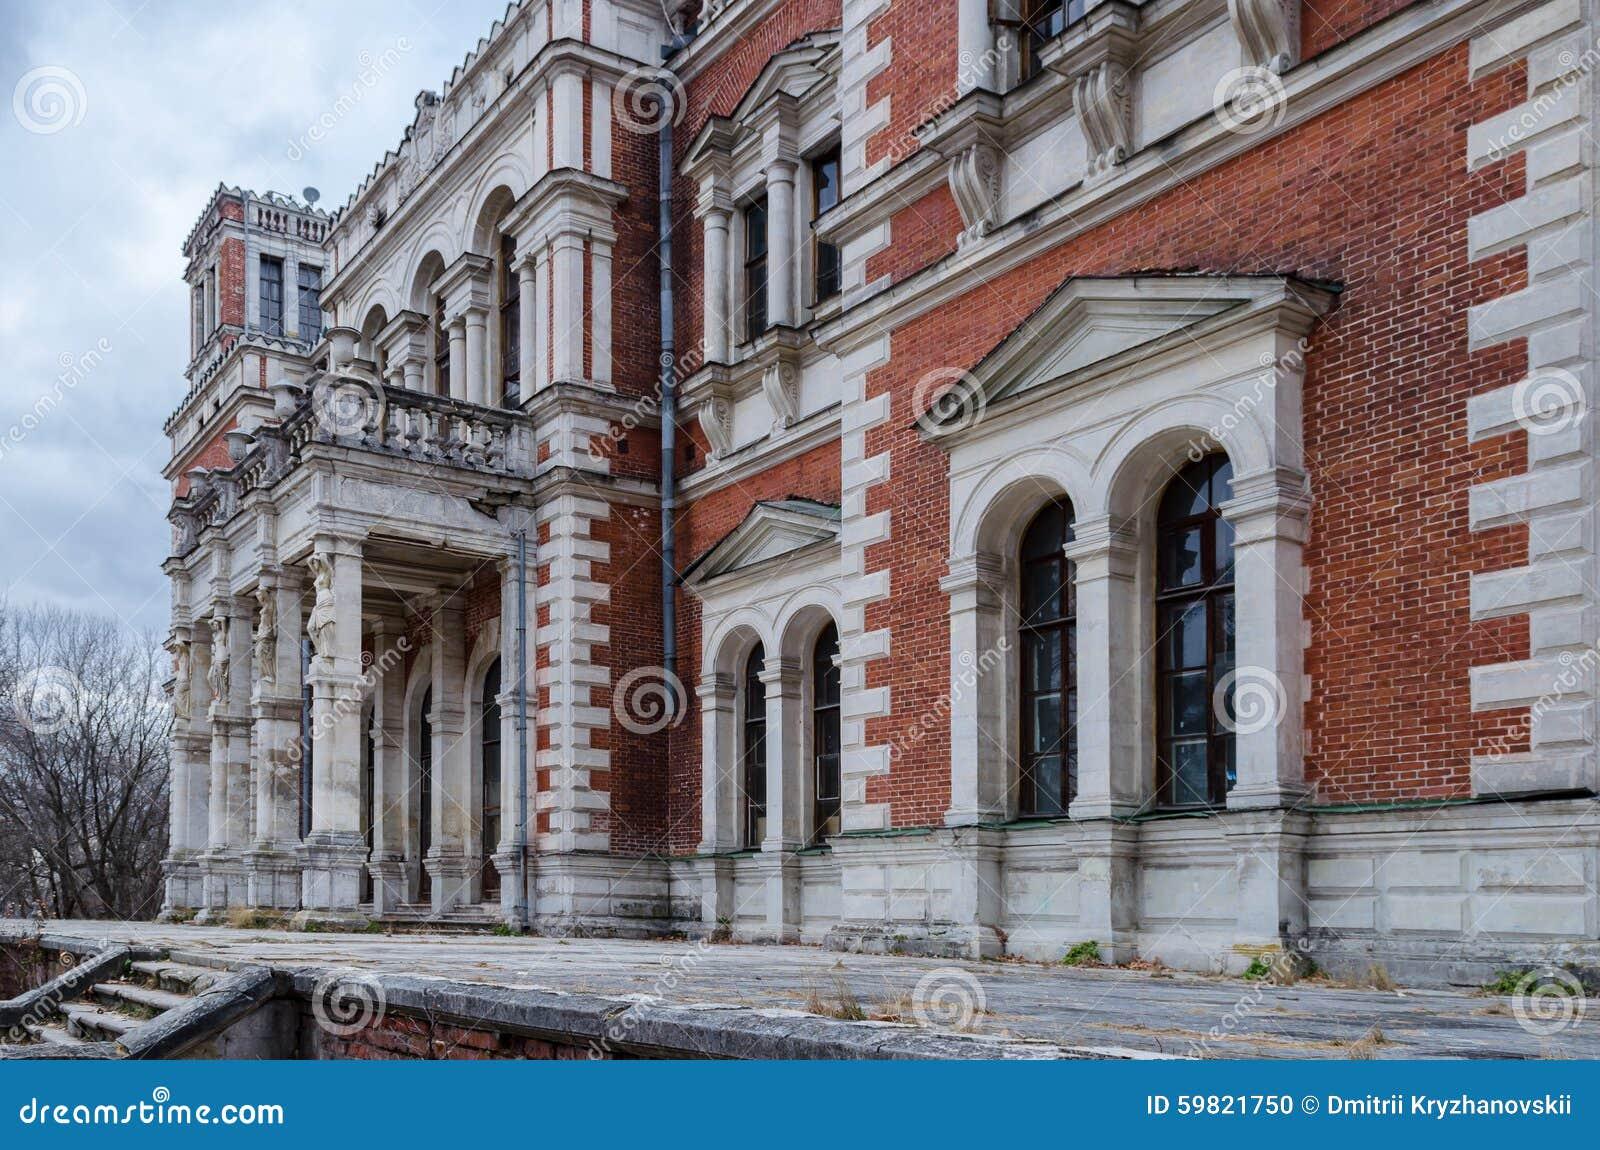 Manor Nadbelya. Luga district, Leningrad region 43